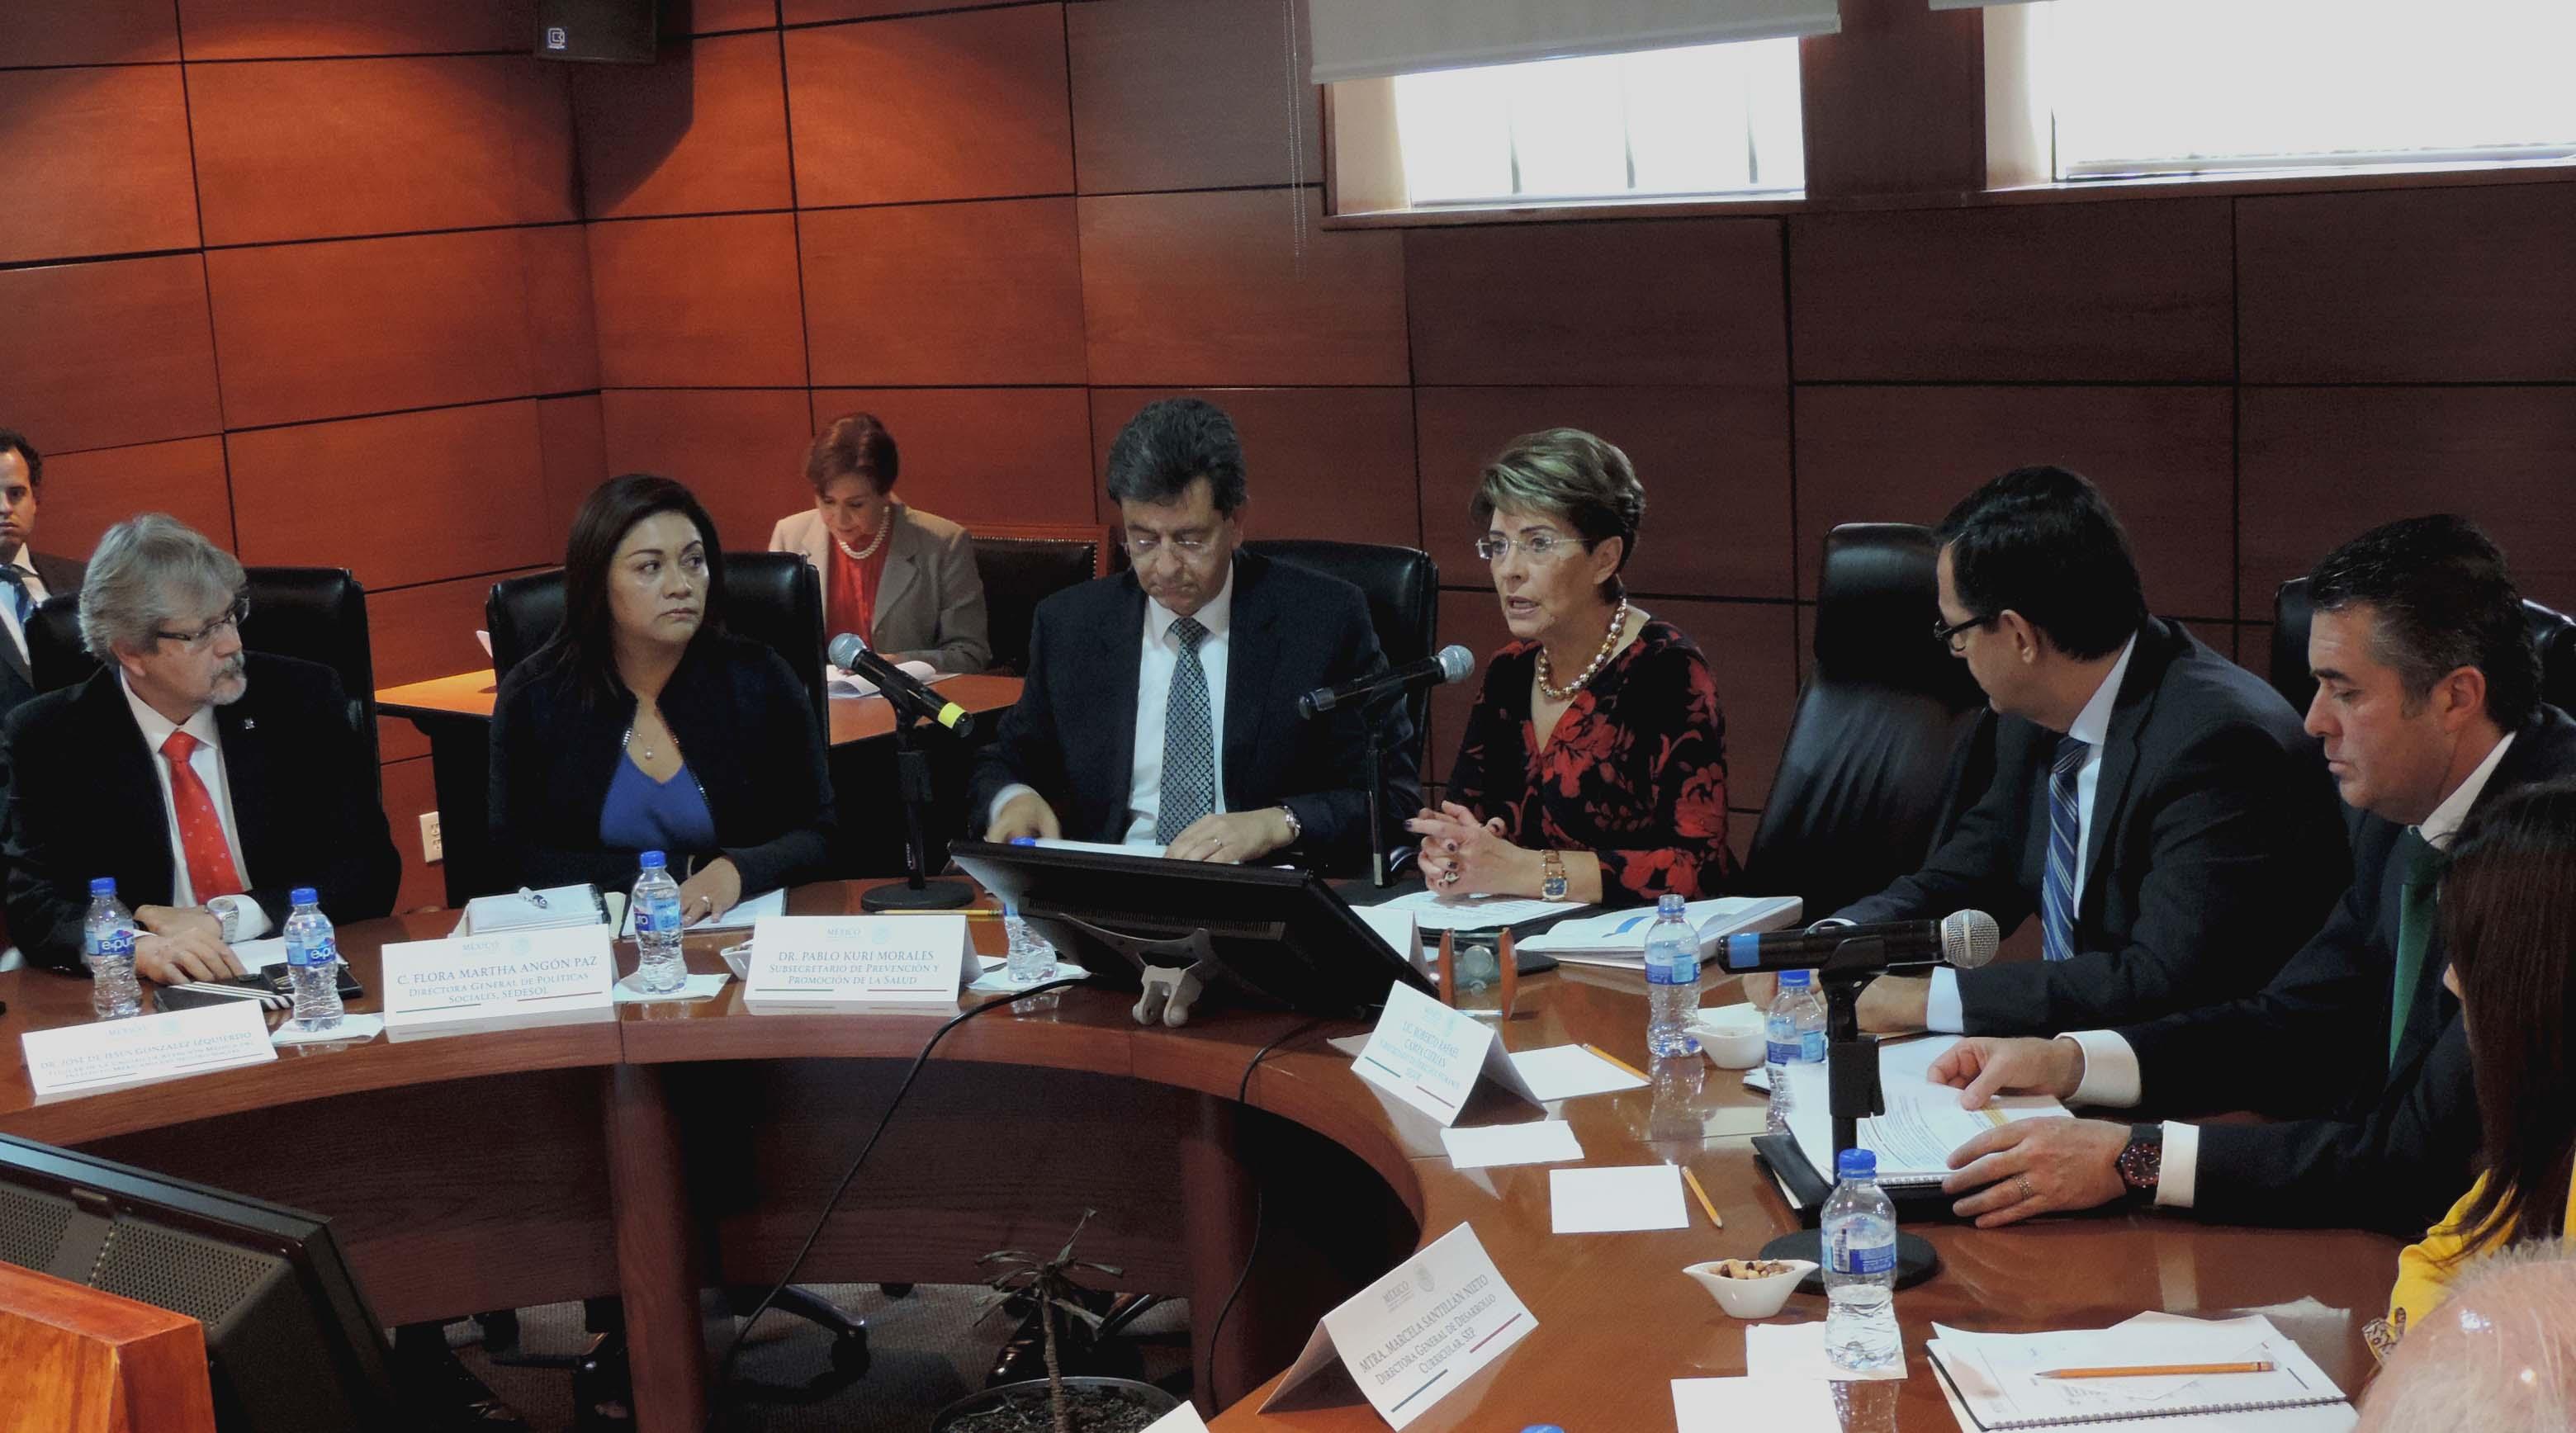 Instalación de la Comisión Intersecretarial para la Atención a Personas con la Condición del Espectro Autista